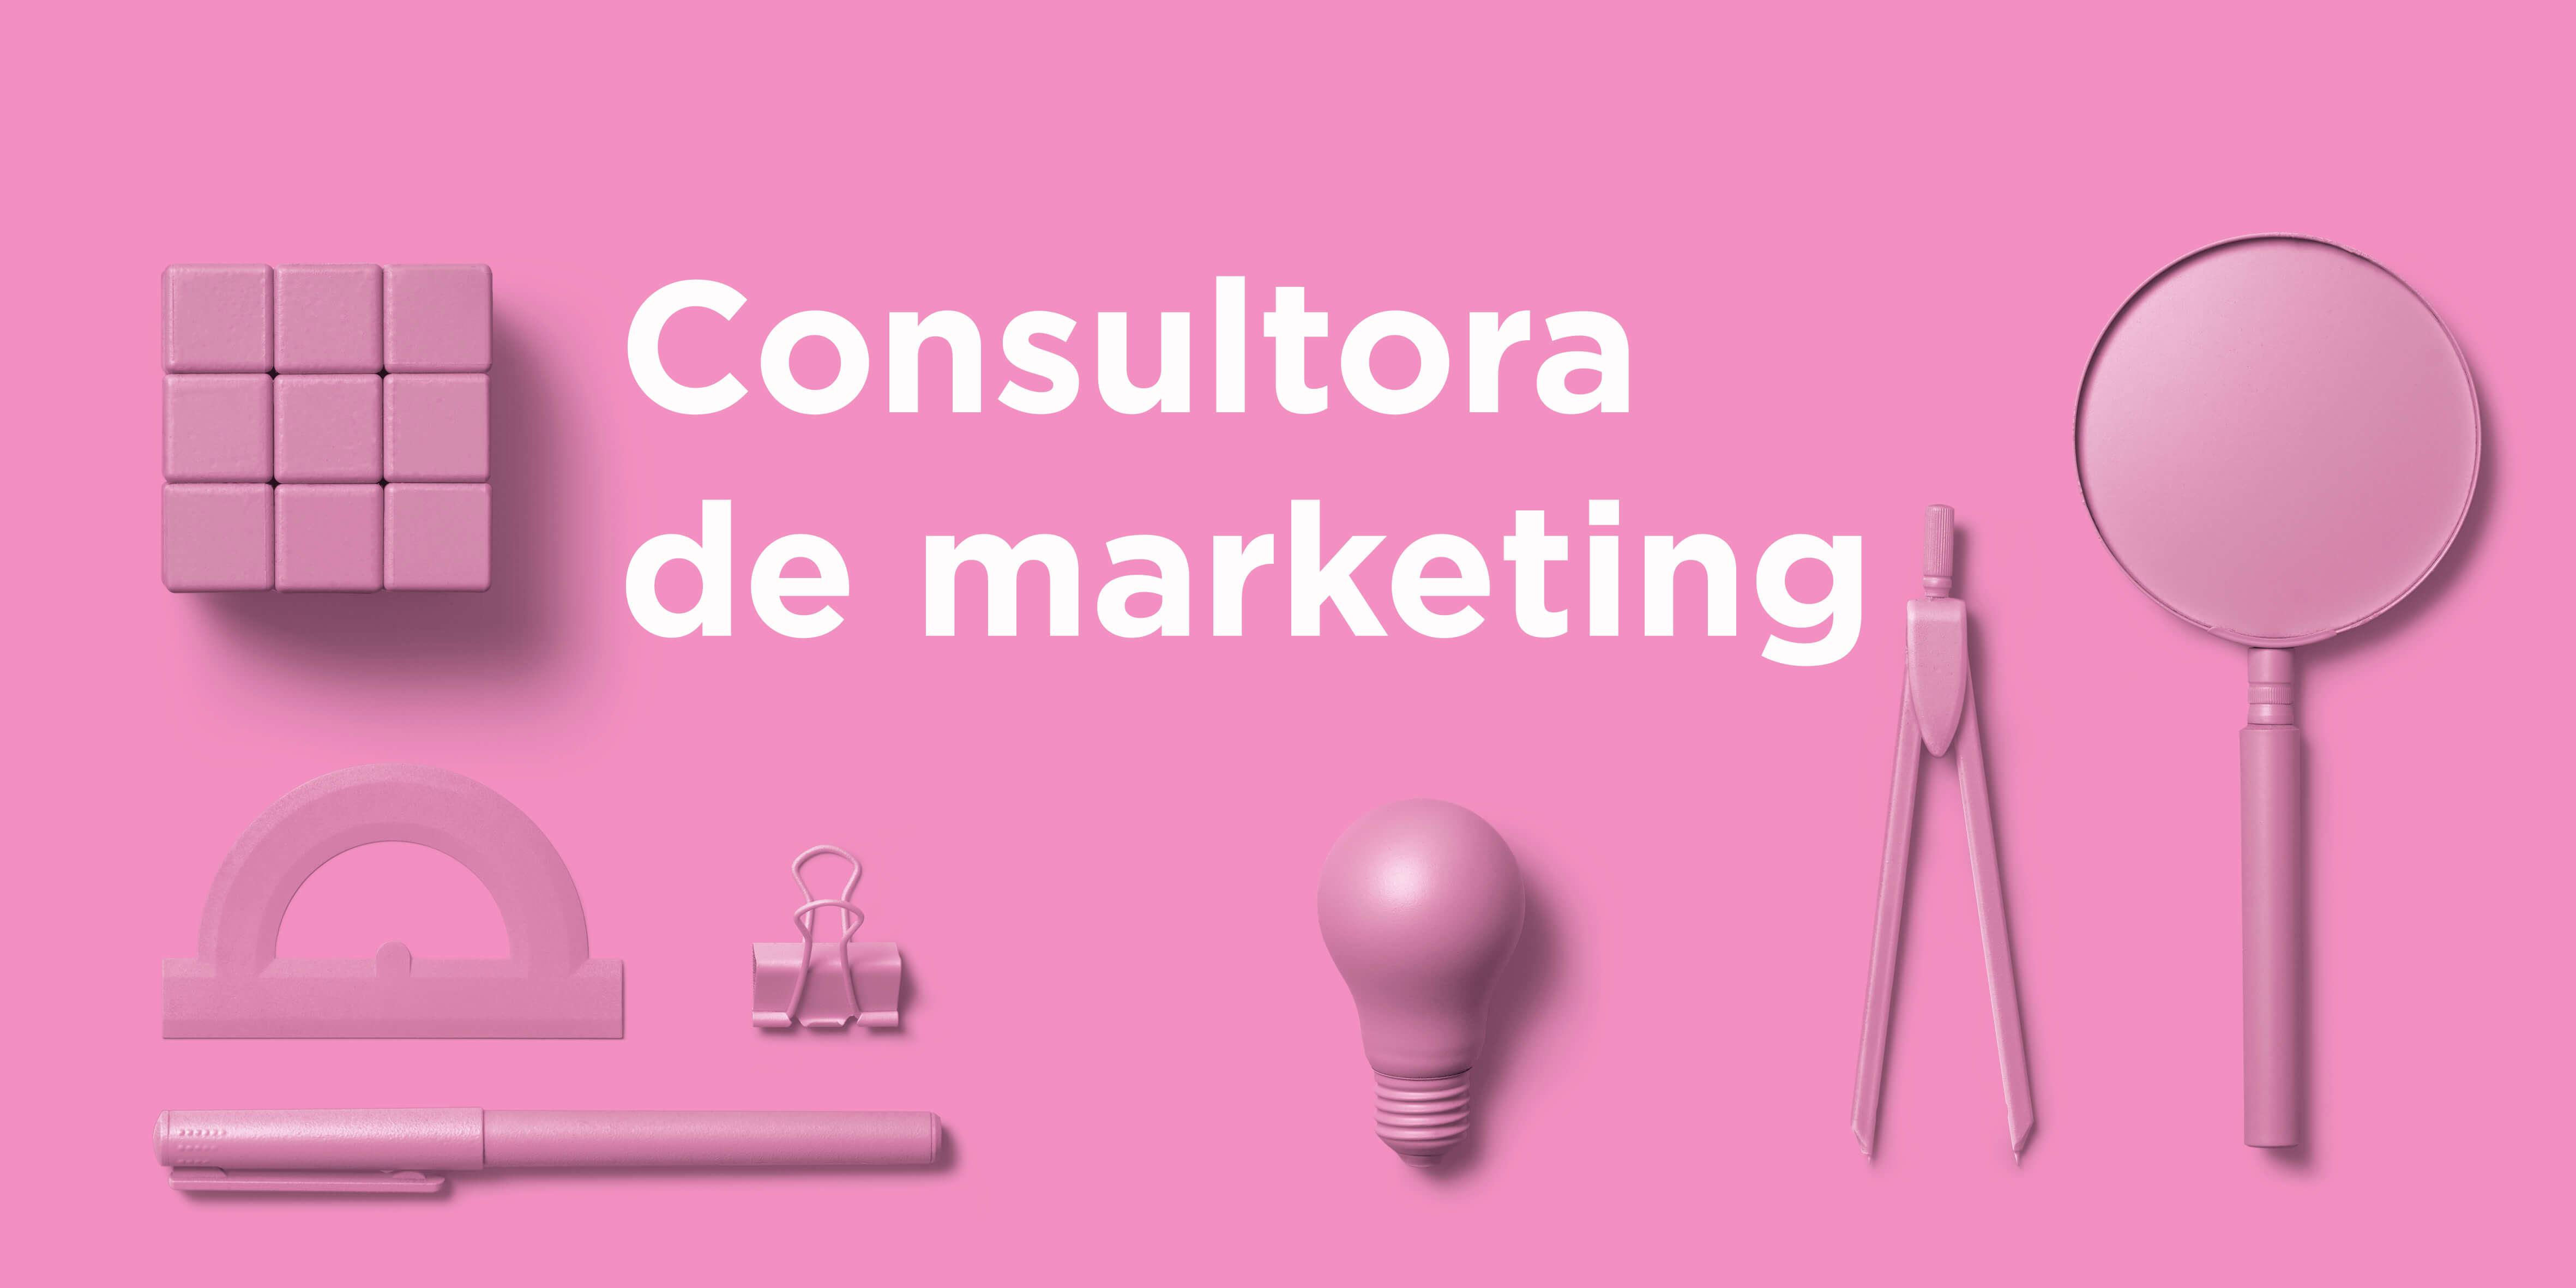 Consultora de marketing con Método